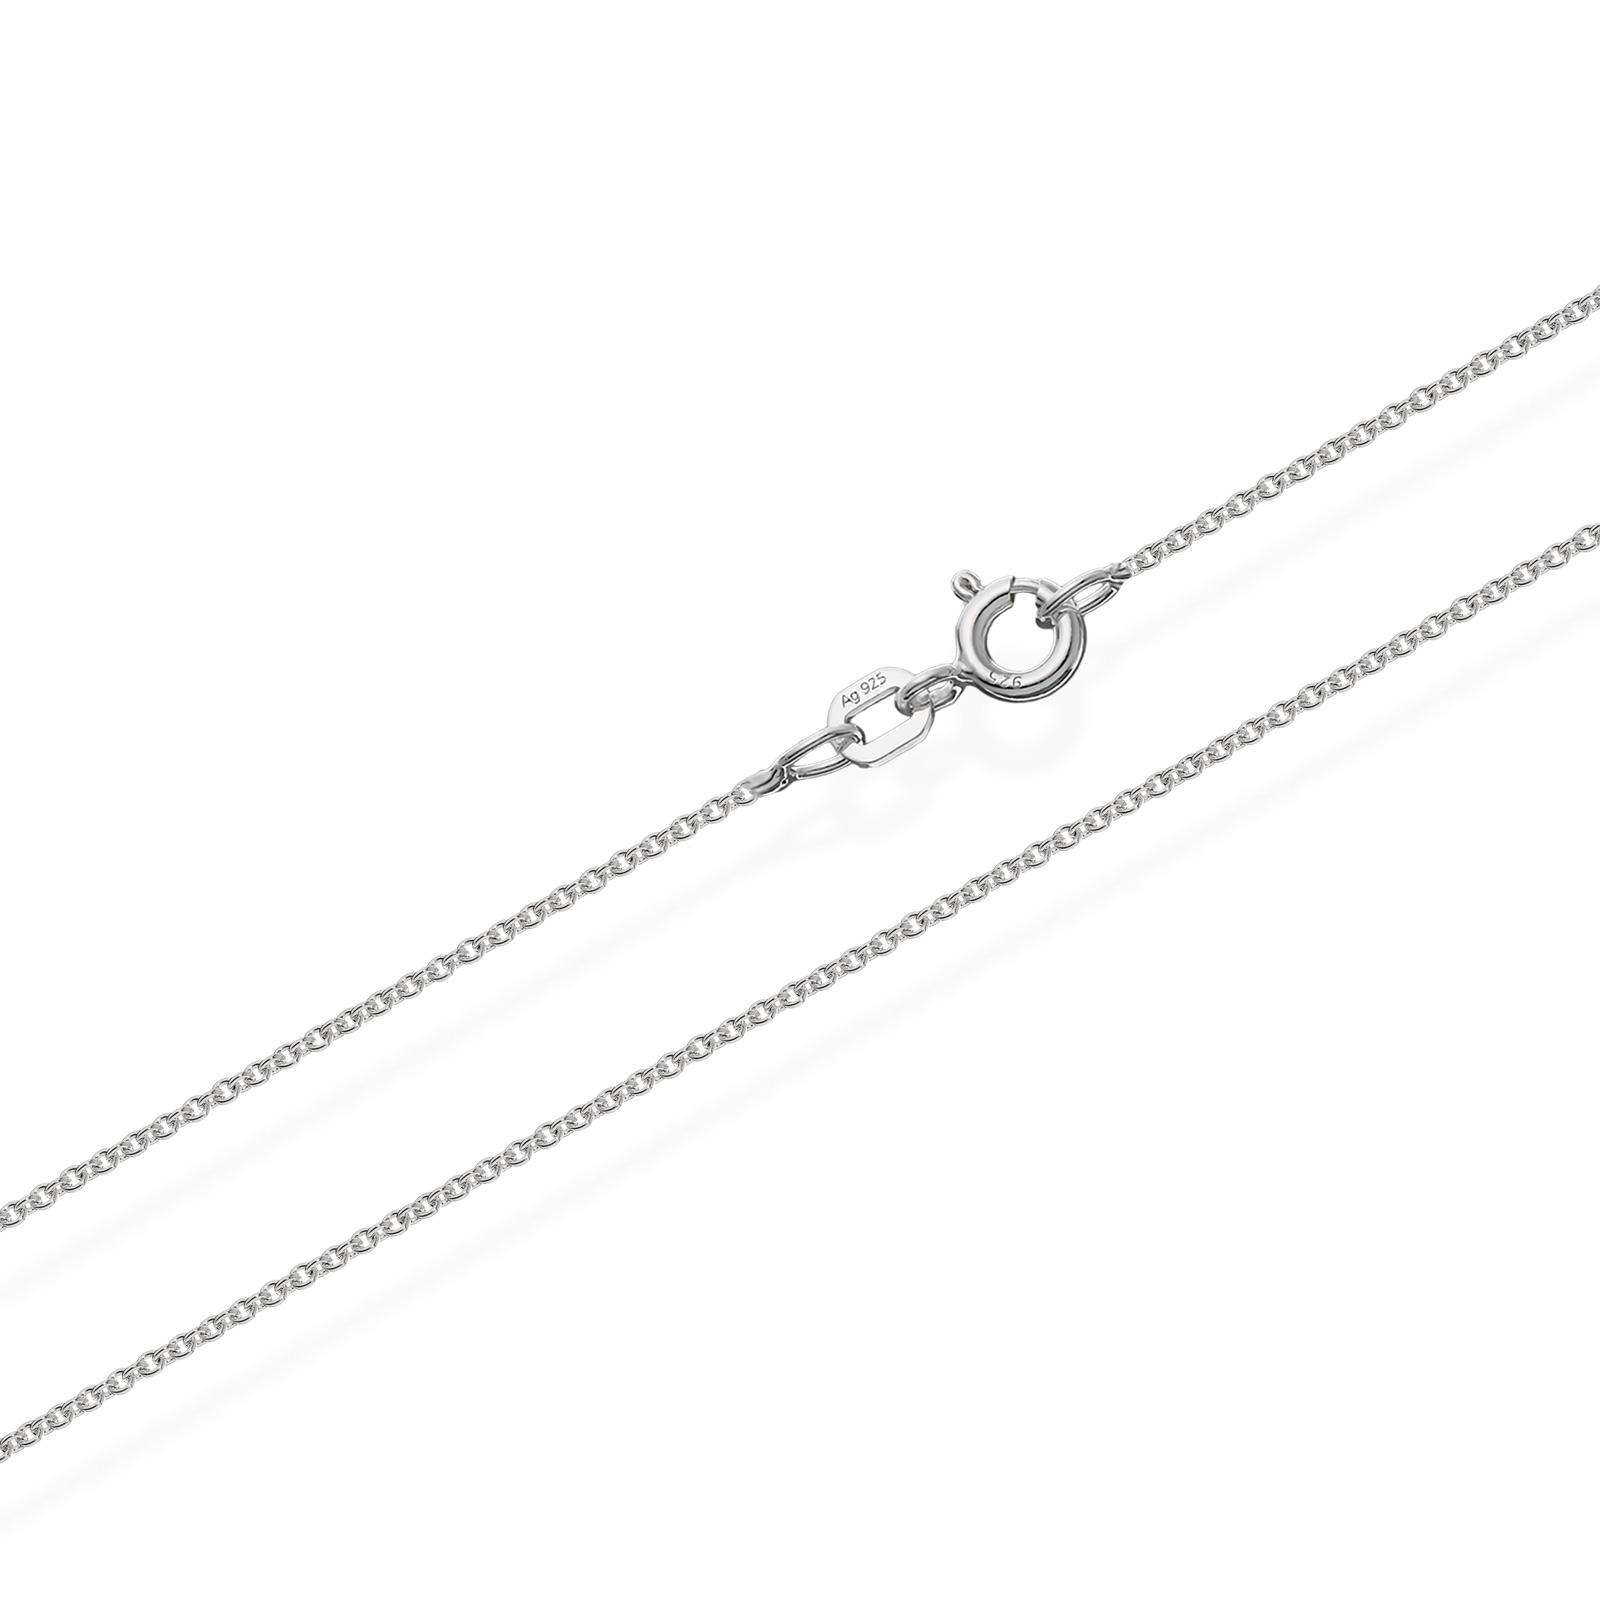 50cm ANKERKETTE 925 Sterling Silber Kette Rund MASSIV Collier 1,8gr 1,10mm  3501 f63122e1f6